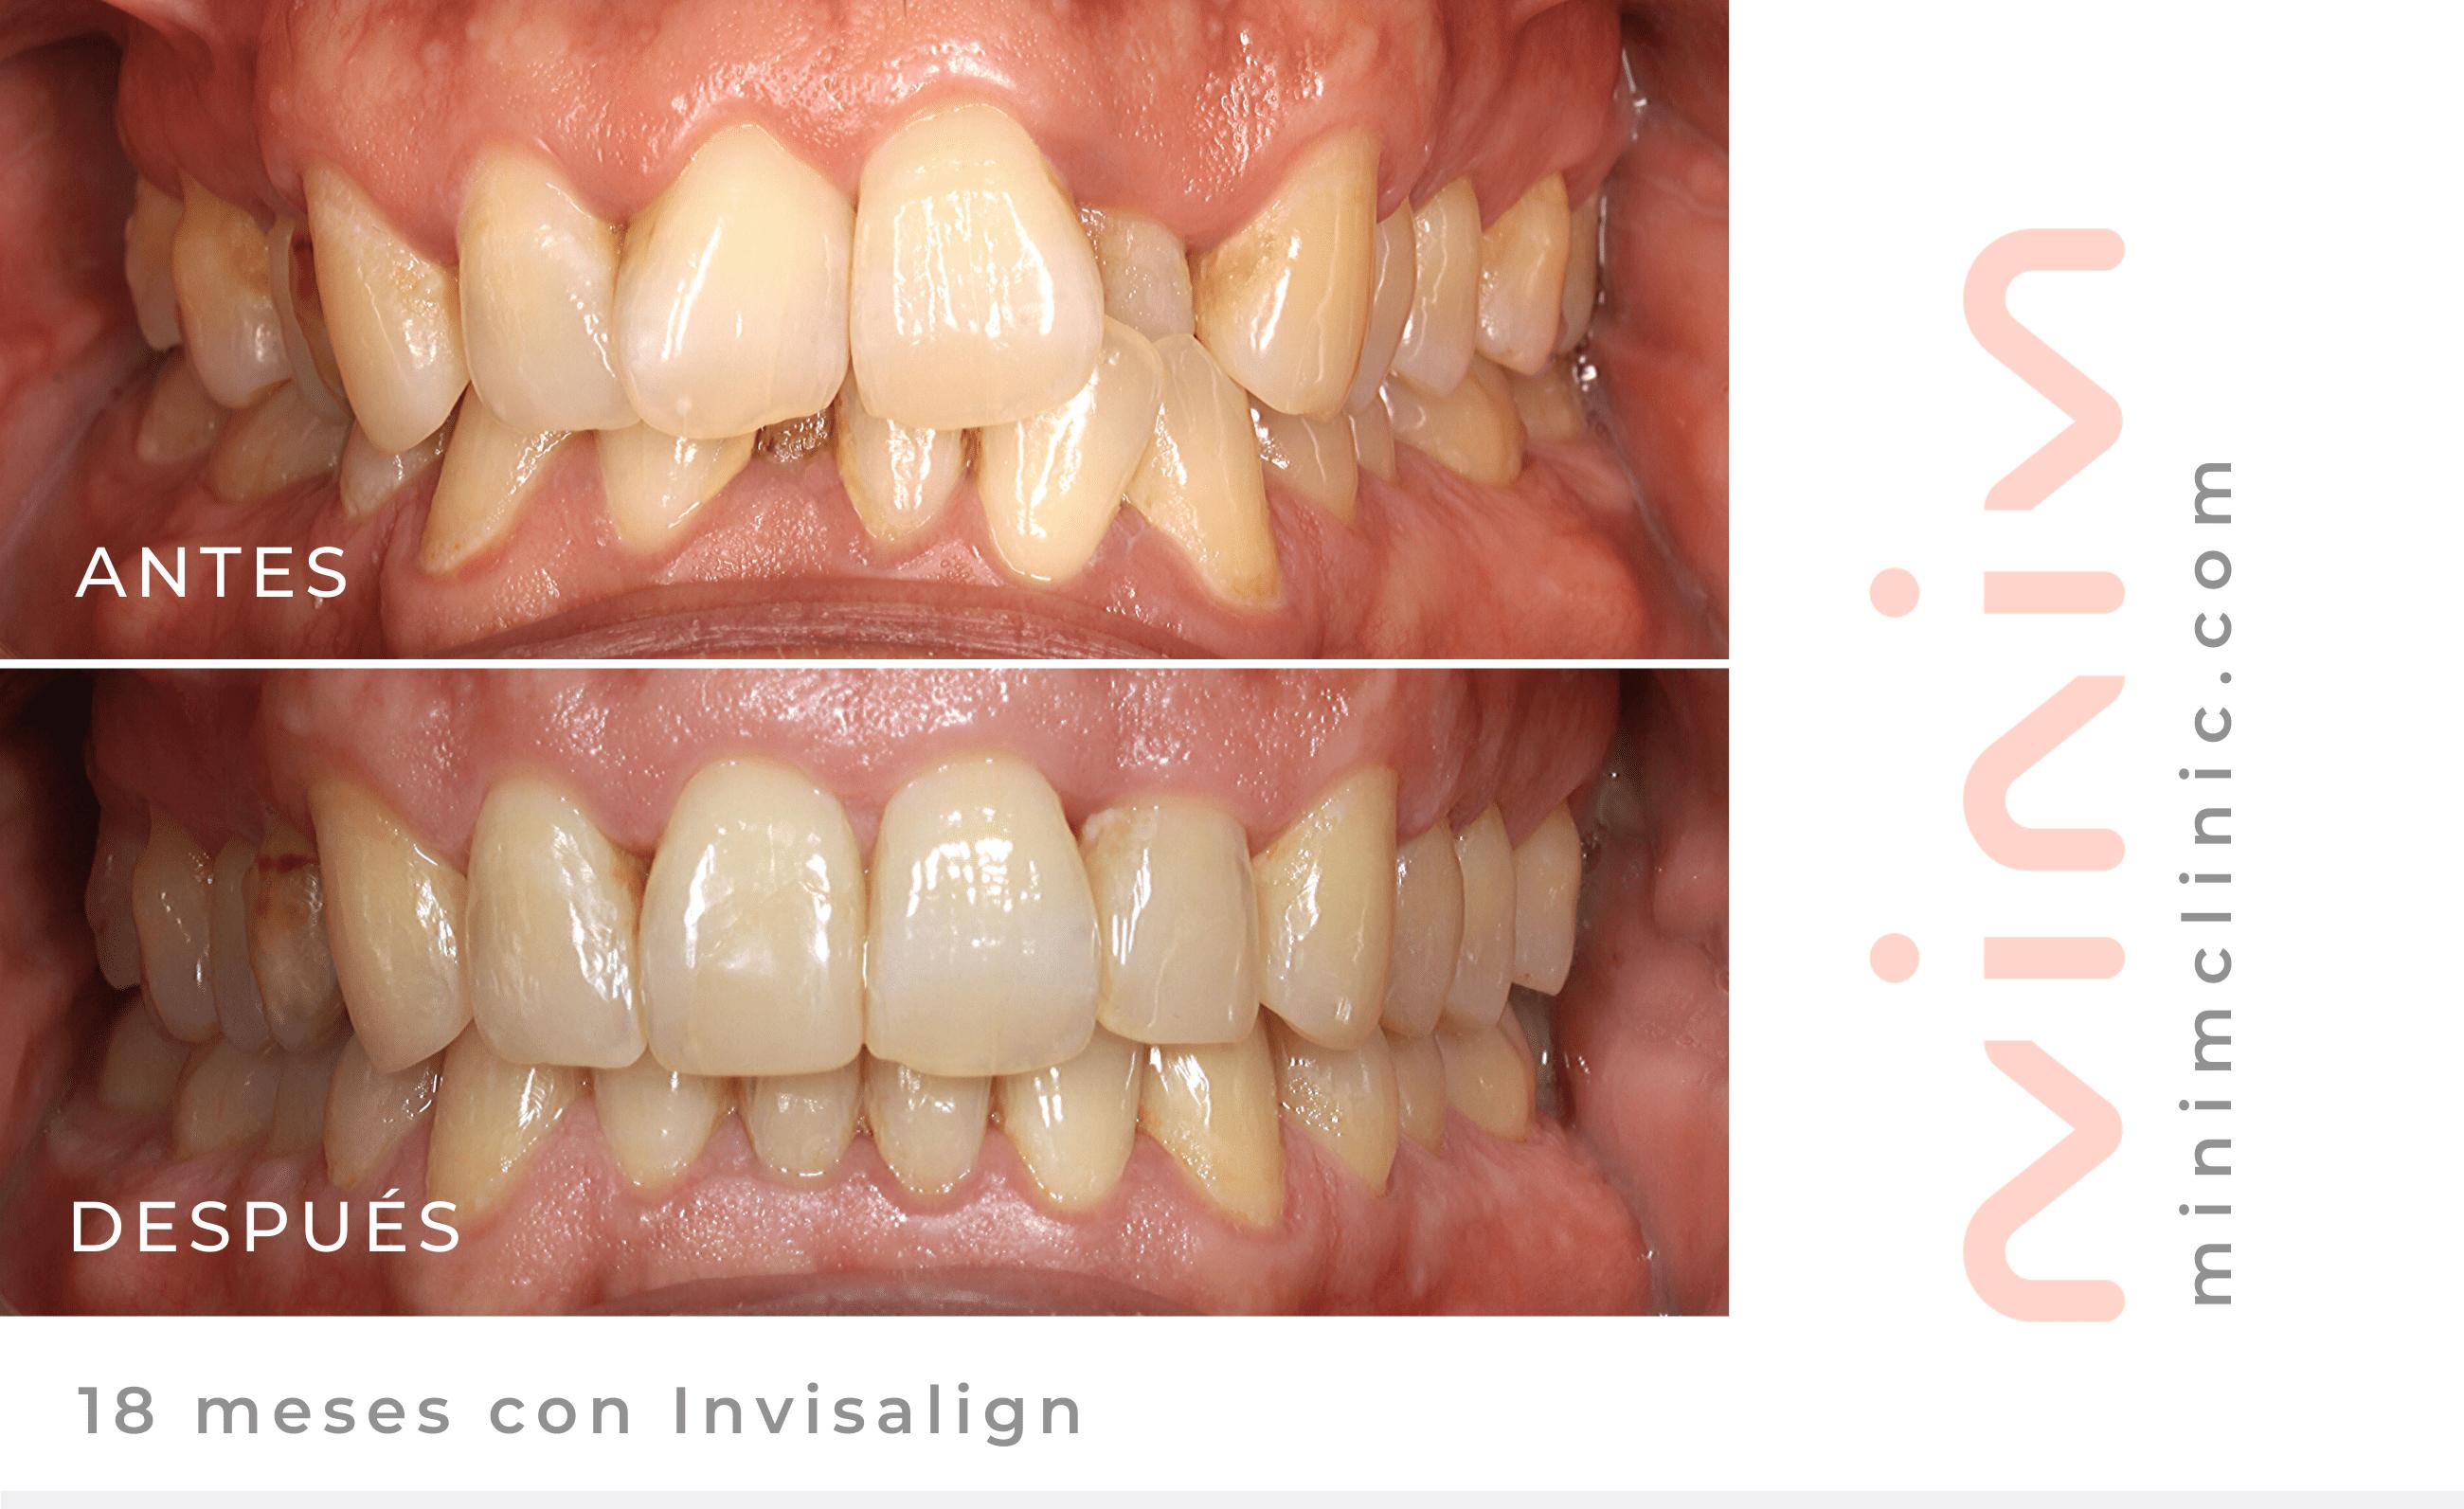 foto antes y despues con invisalign 18 meses caso dientes muy apiñados